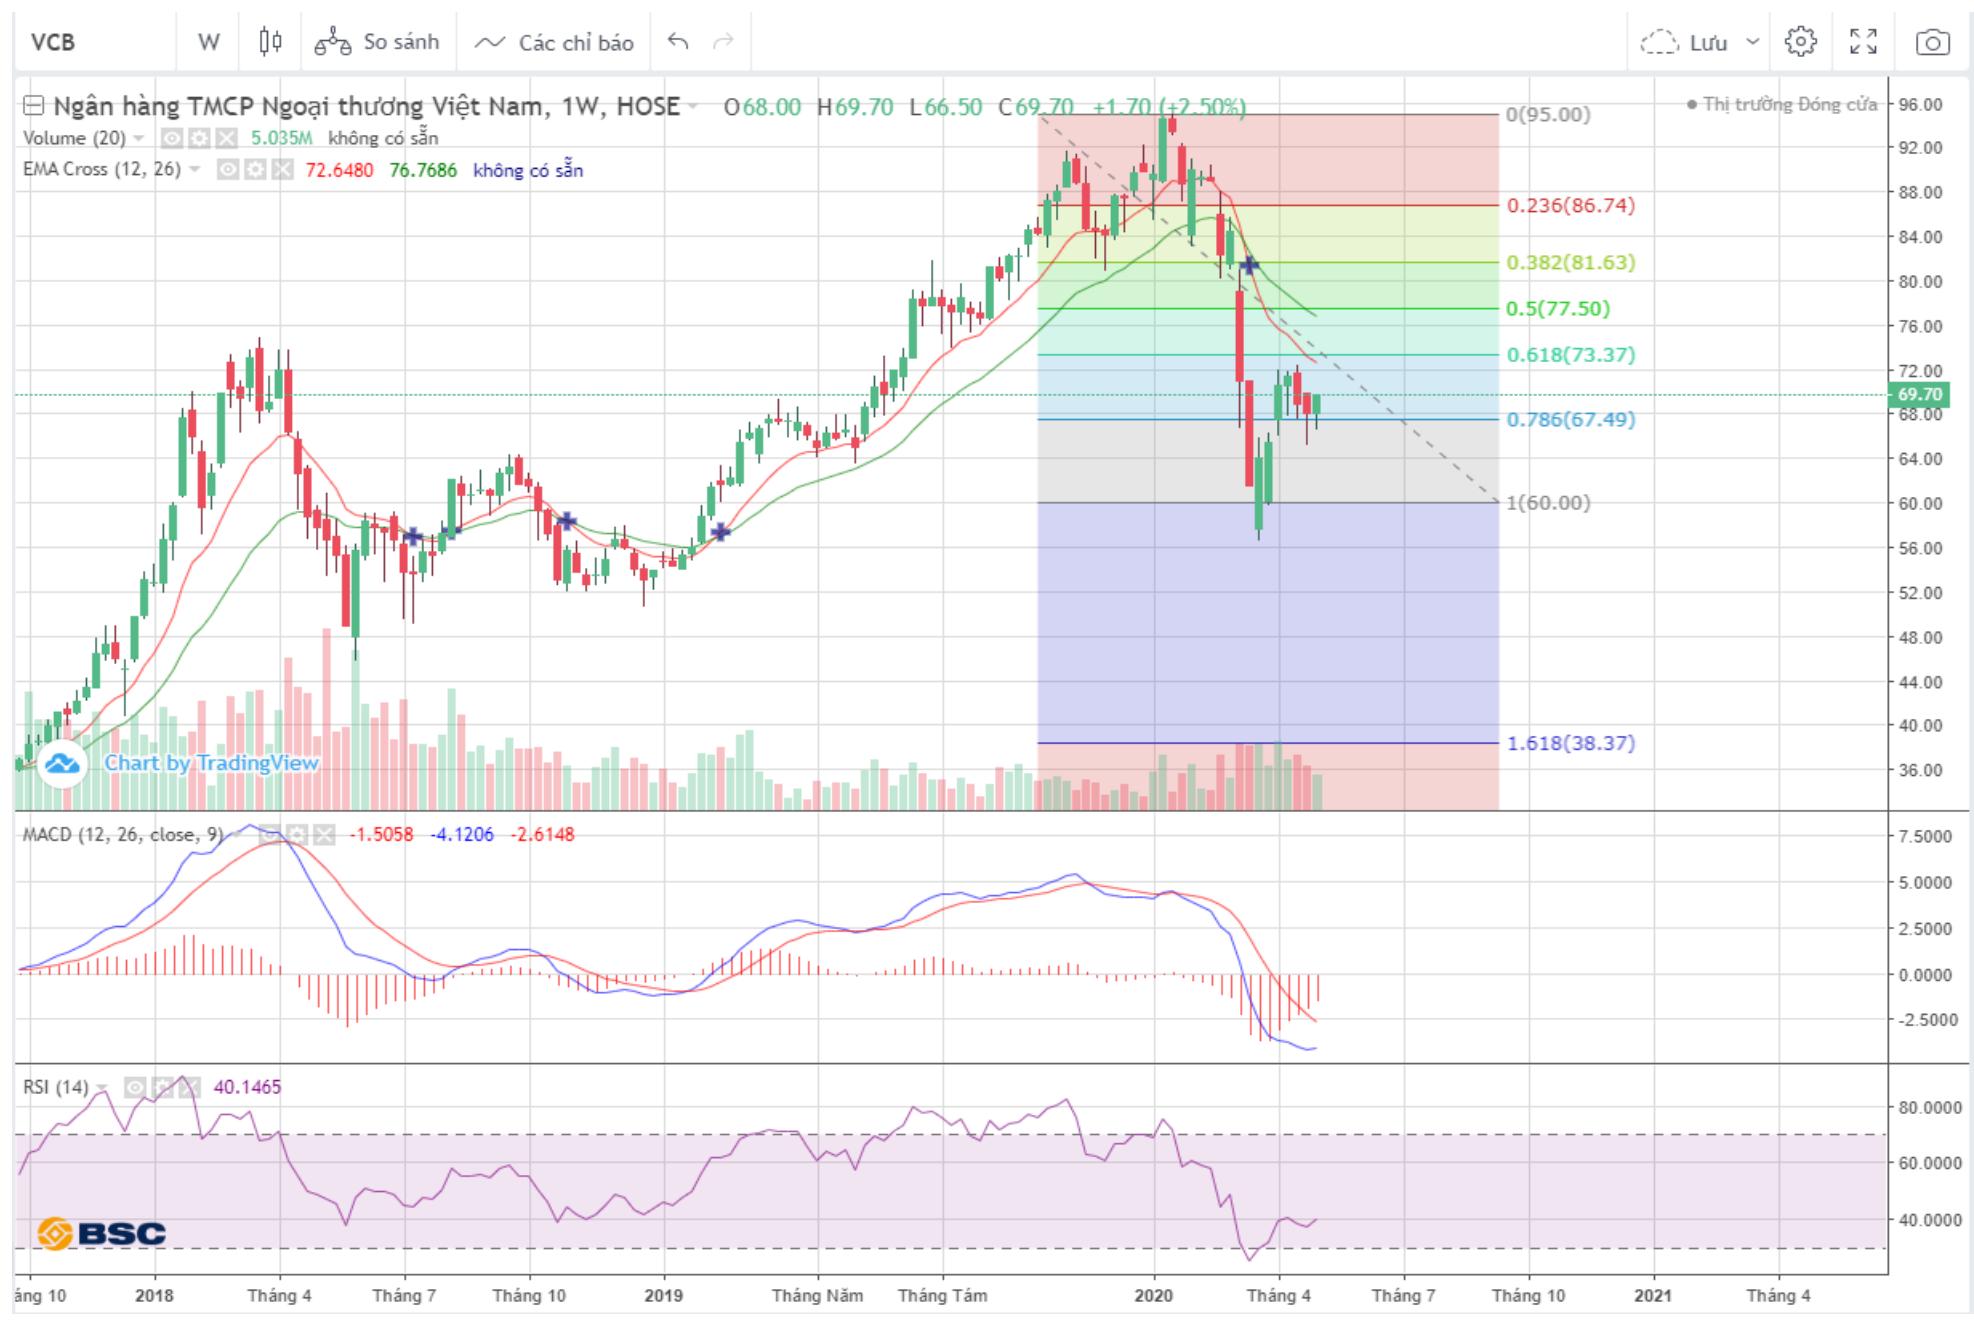 Cổ phiếu tâm điểm ngày 11/5: VCB, TCB, VHM, BCE - Ảnh 1.